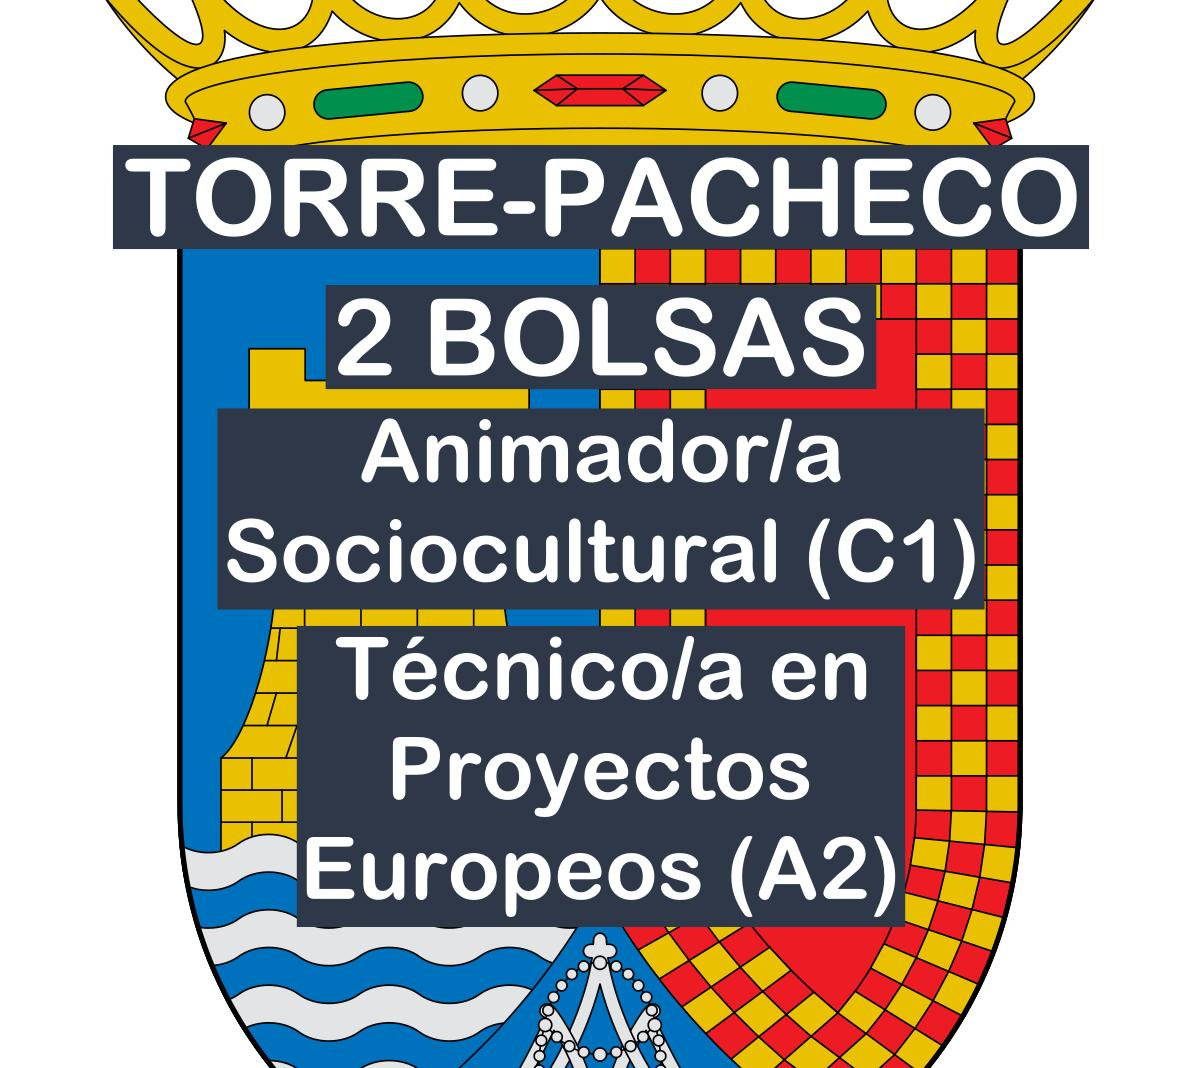 2 Bolsas de empleo para Animador Sociocultural y Técnico en proyectos europeos en Torre-Pacheco